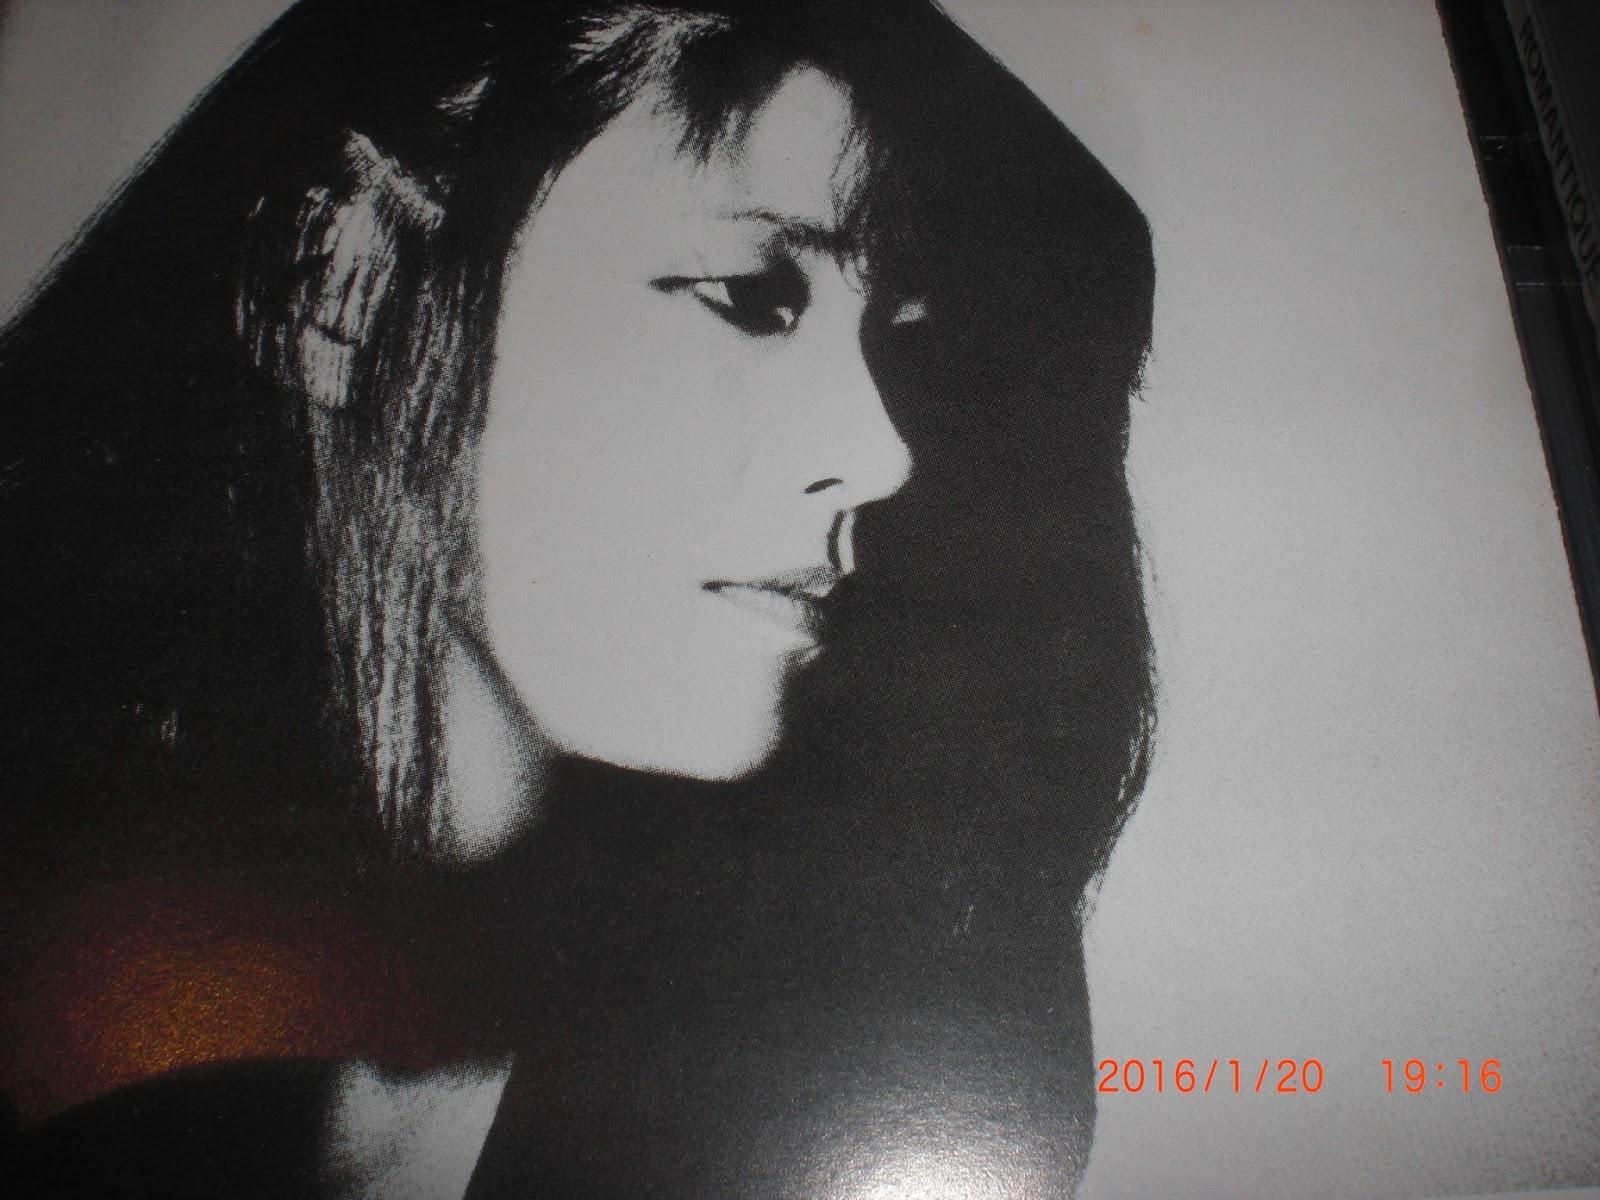 Saori Horii (b. 1984)